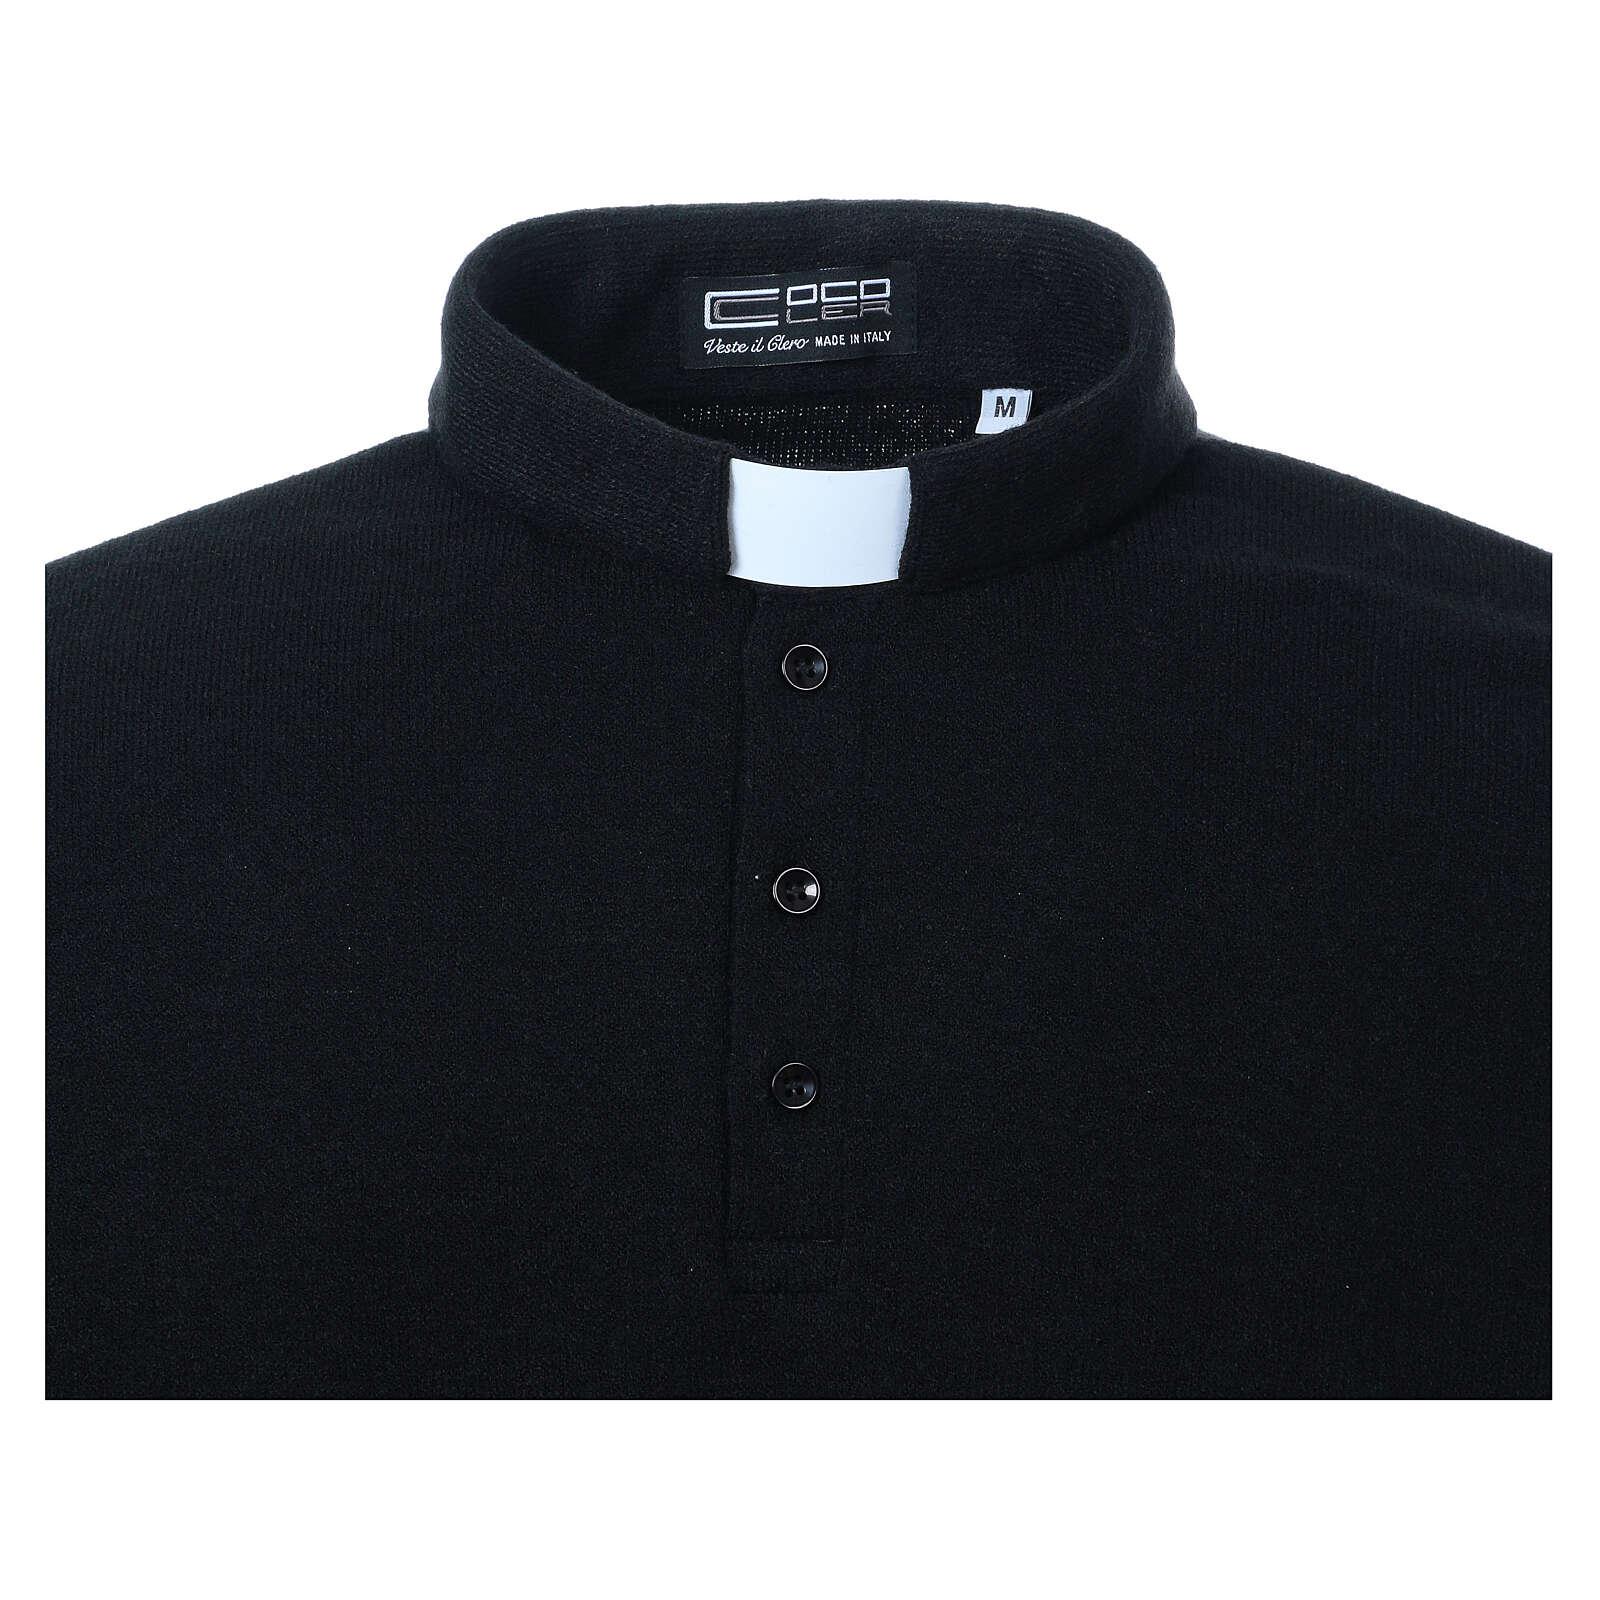 Camisola polo M/L preto em tecido misto lã 4